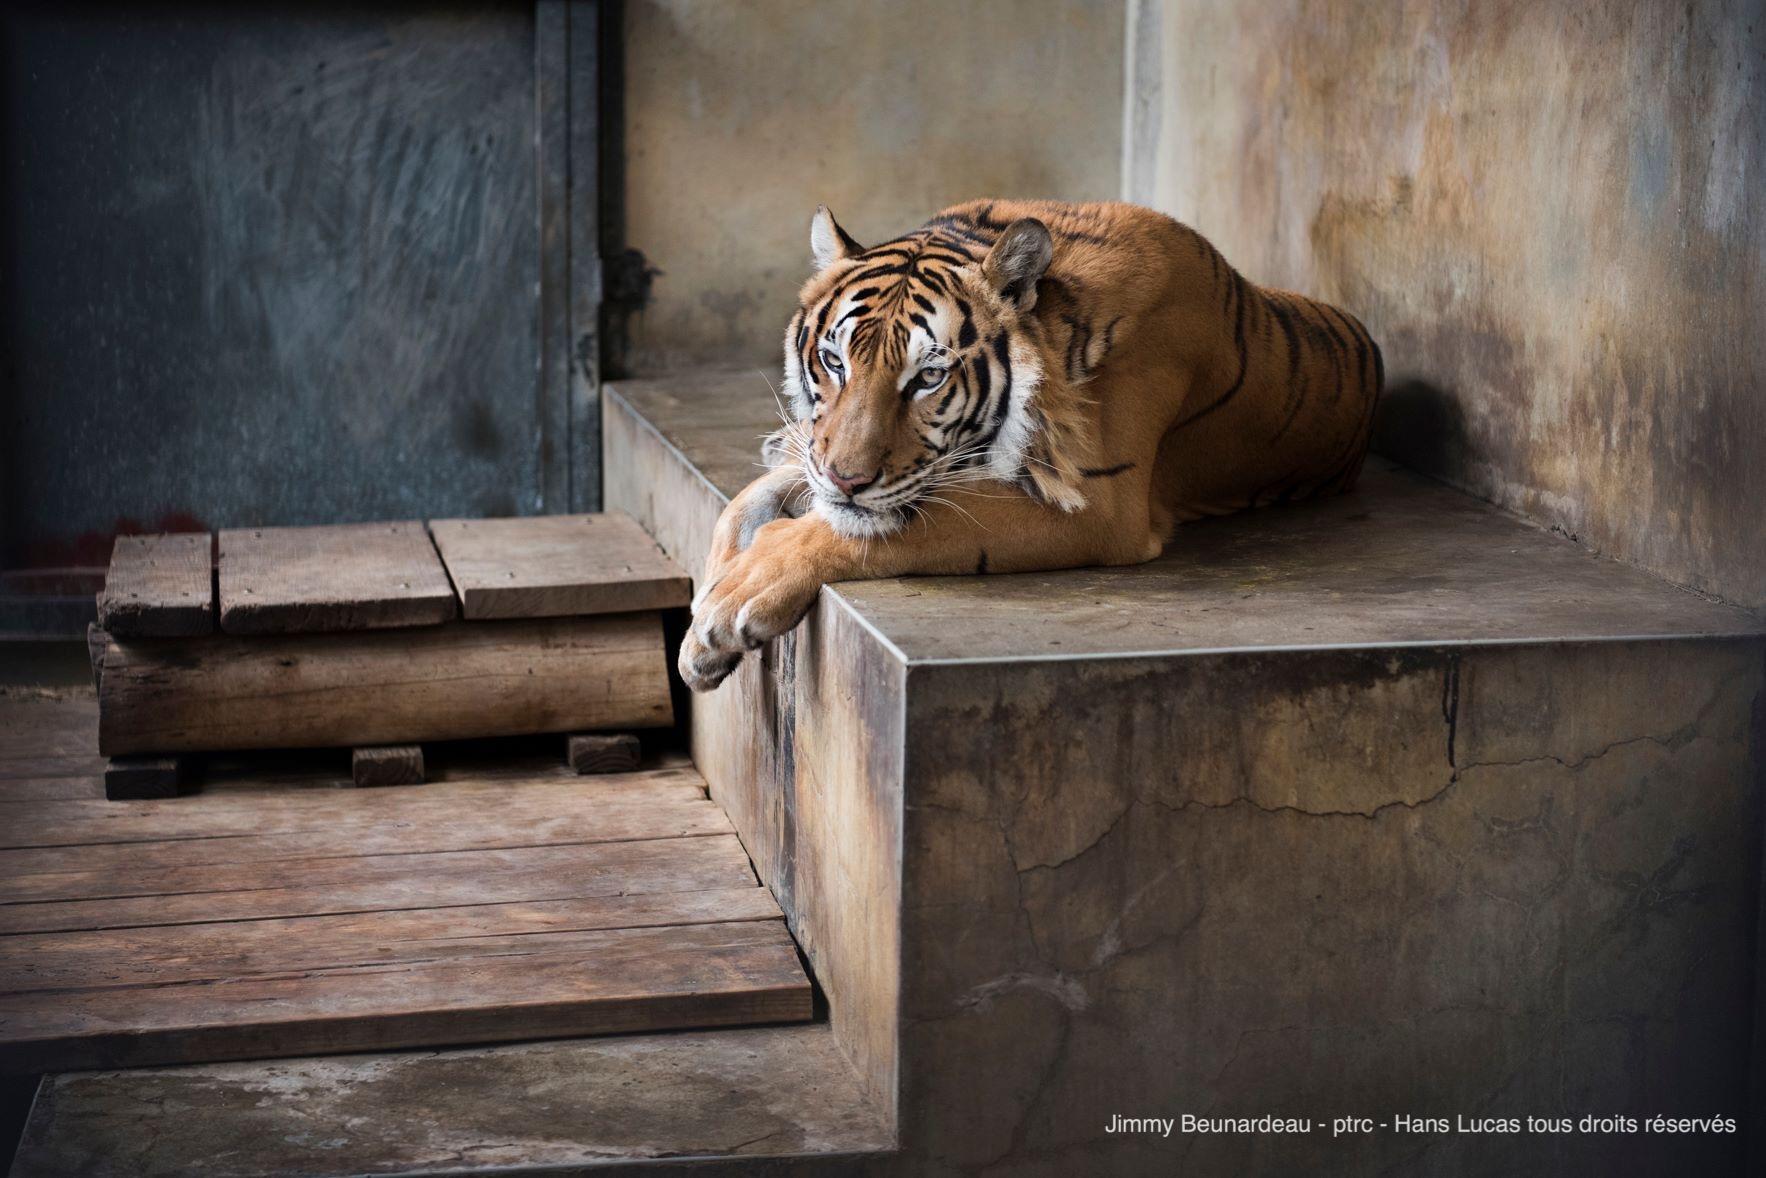 tigra-jimmy-beunardeau-expo-photo